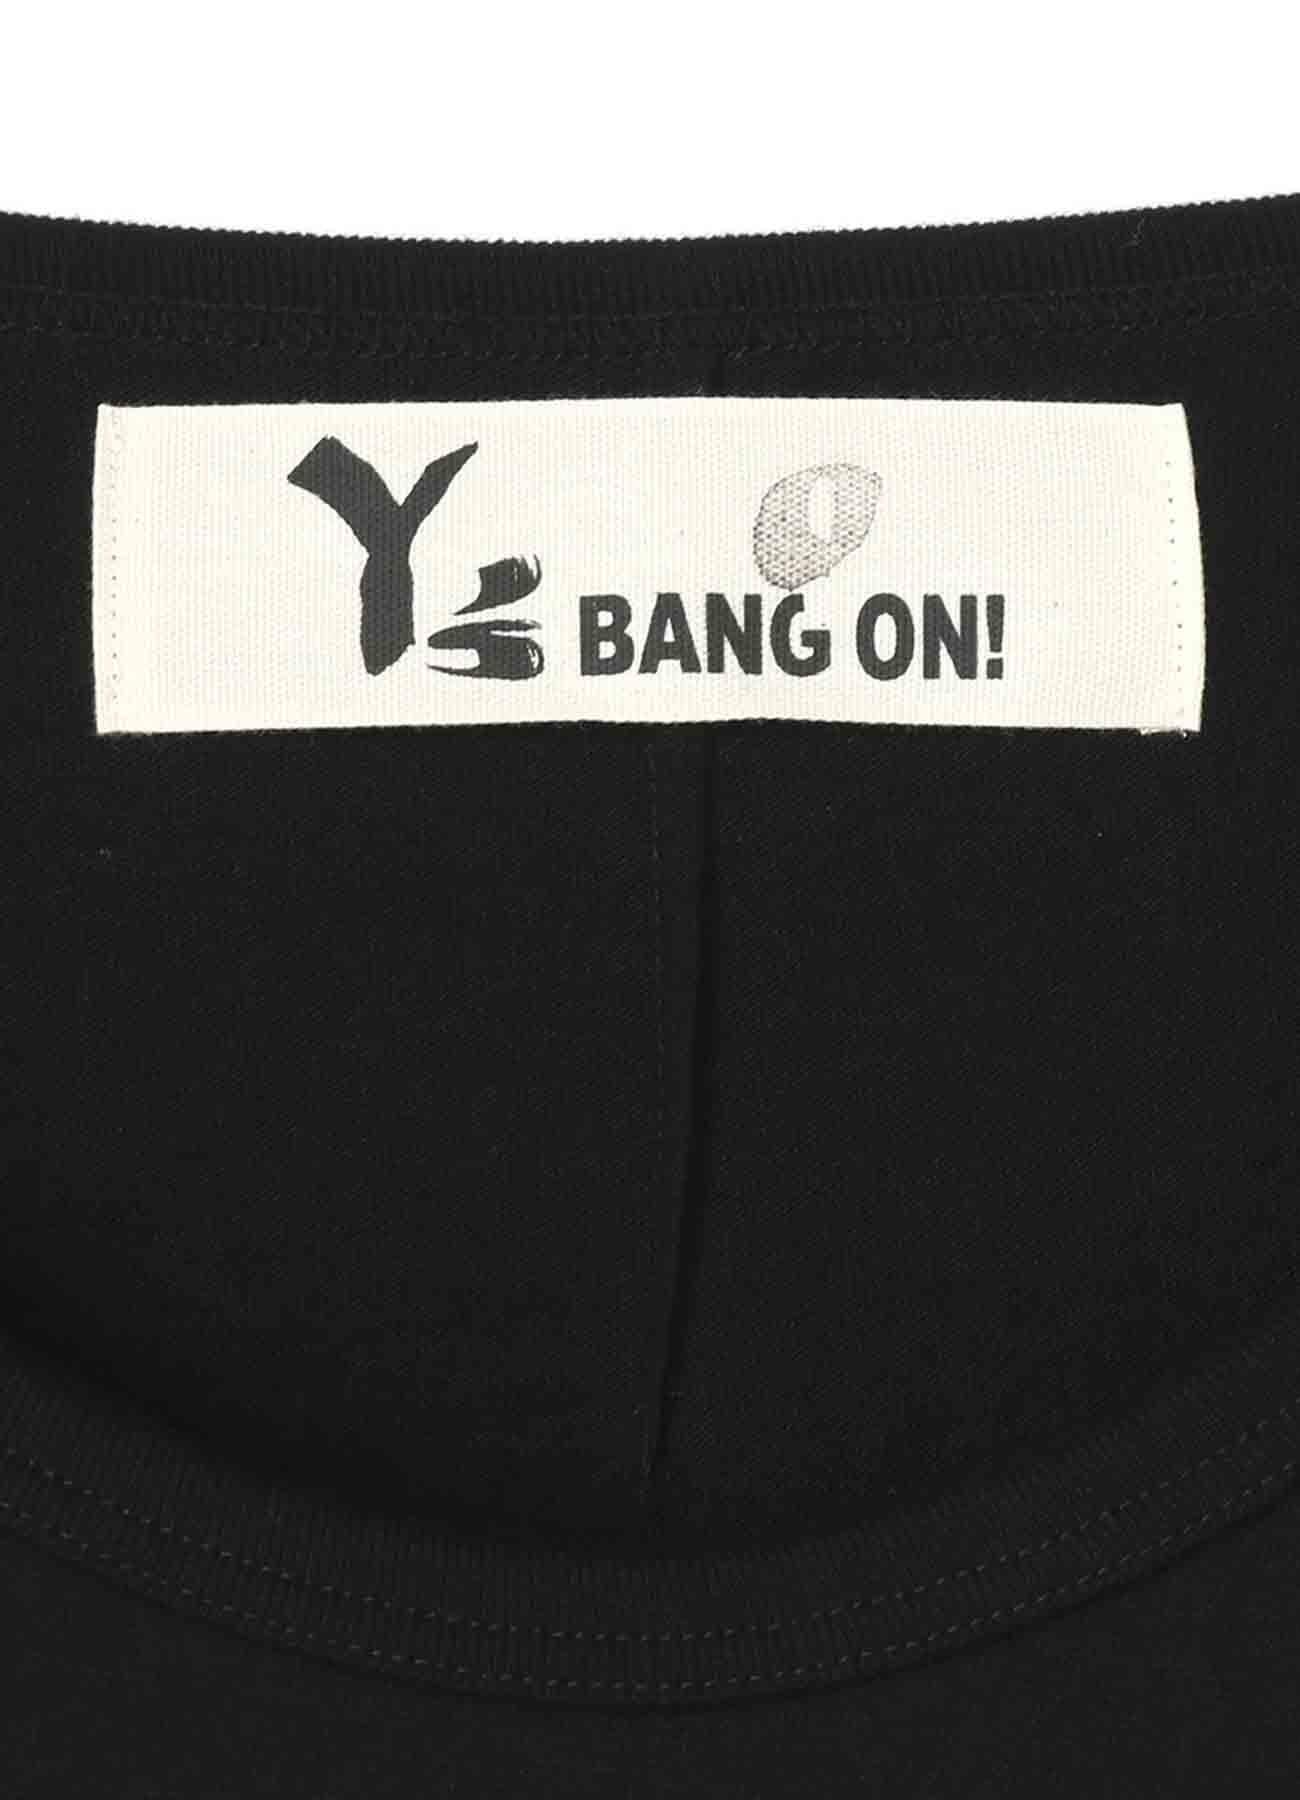 BANG ON! UネックビッグTシャツ